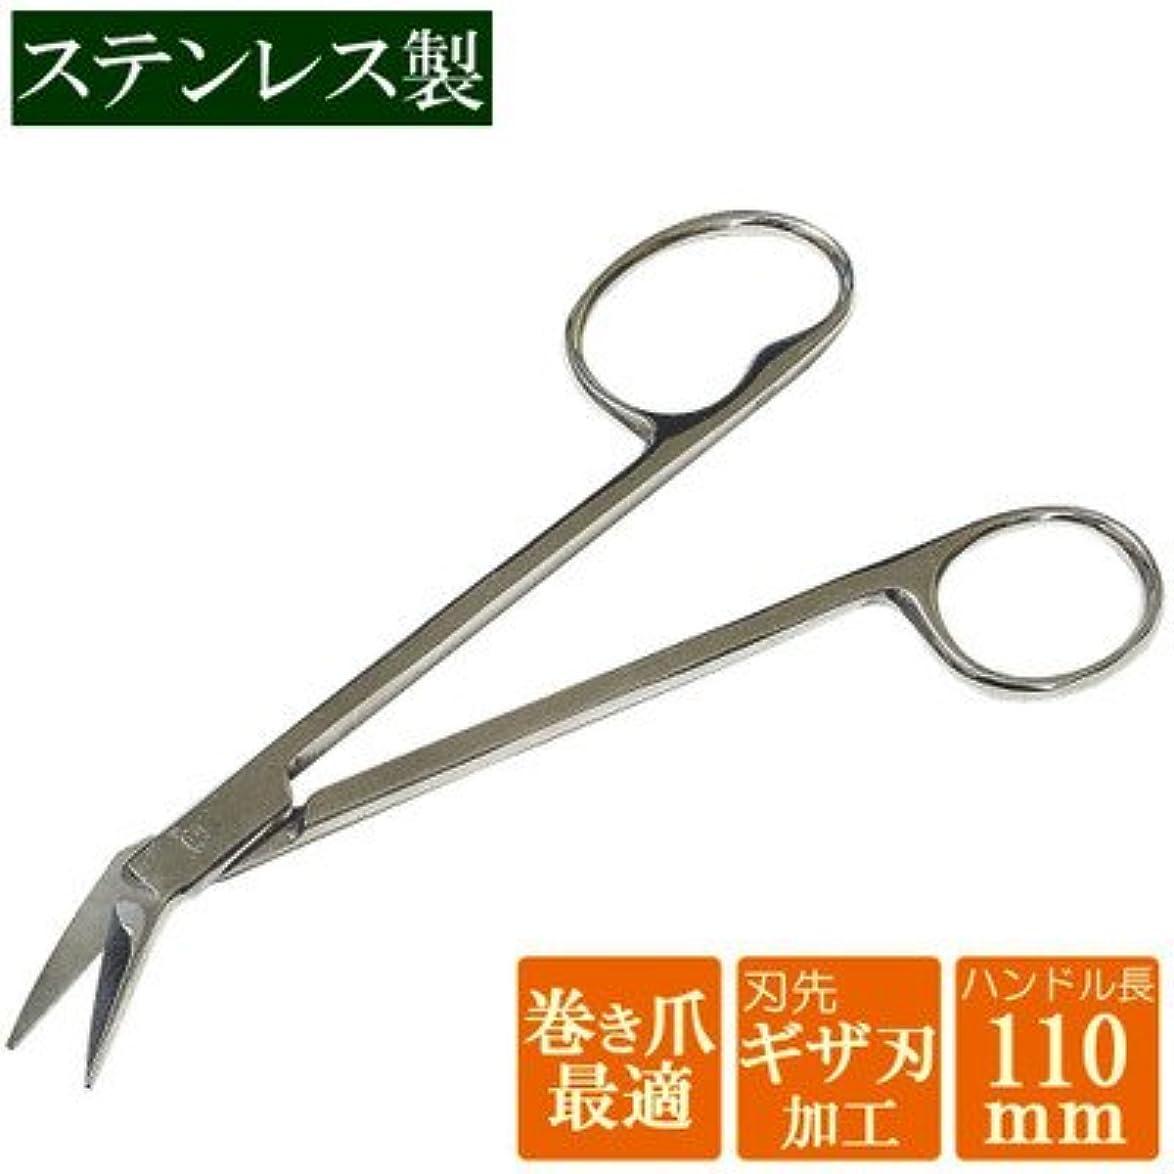 88021 ロング足用爪切りハサミ 自由なラインで切れる足用爪切りハサミ